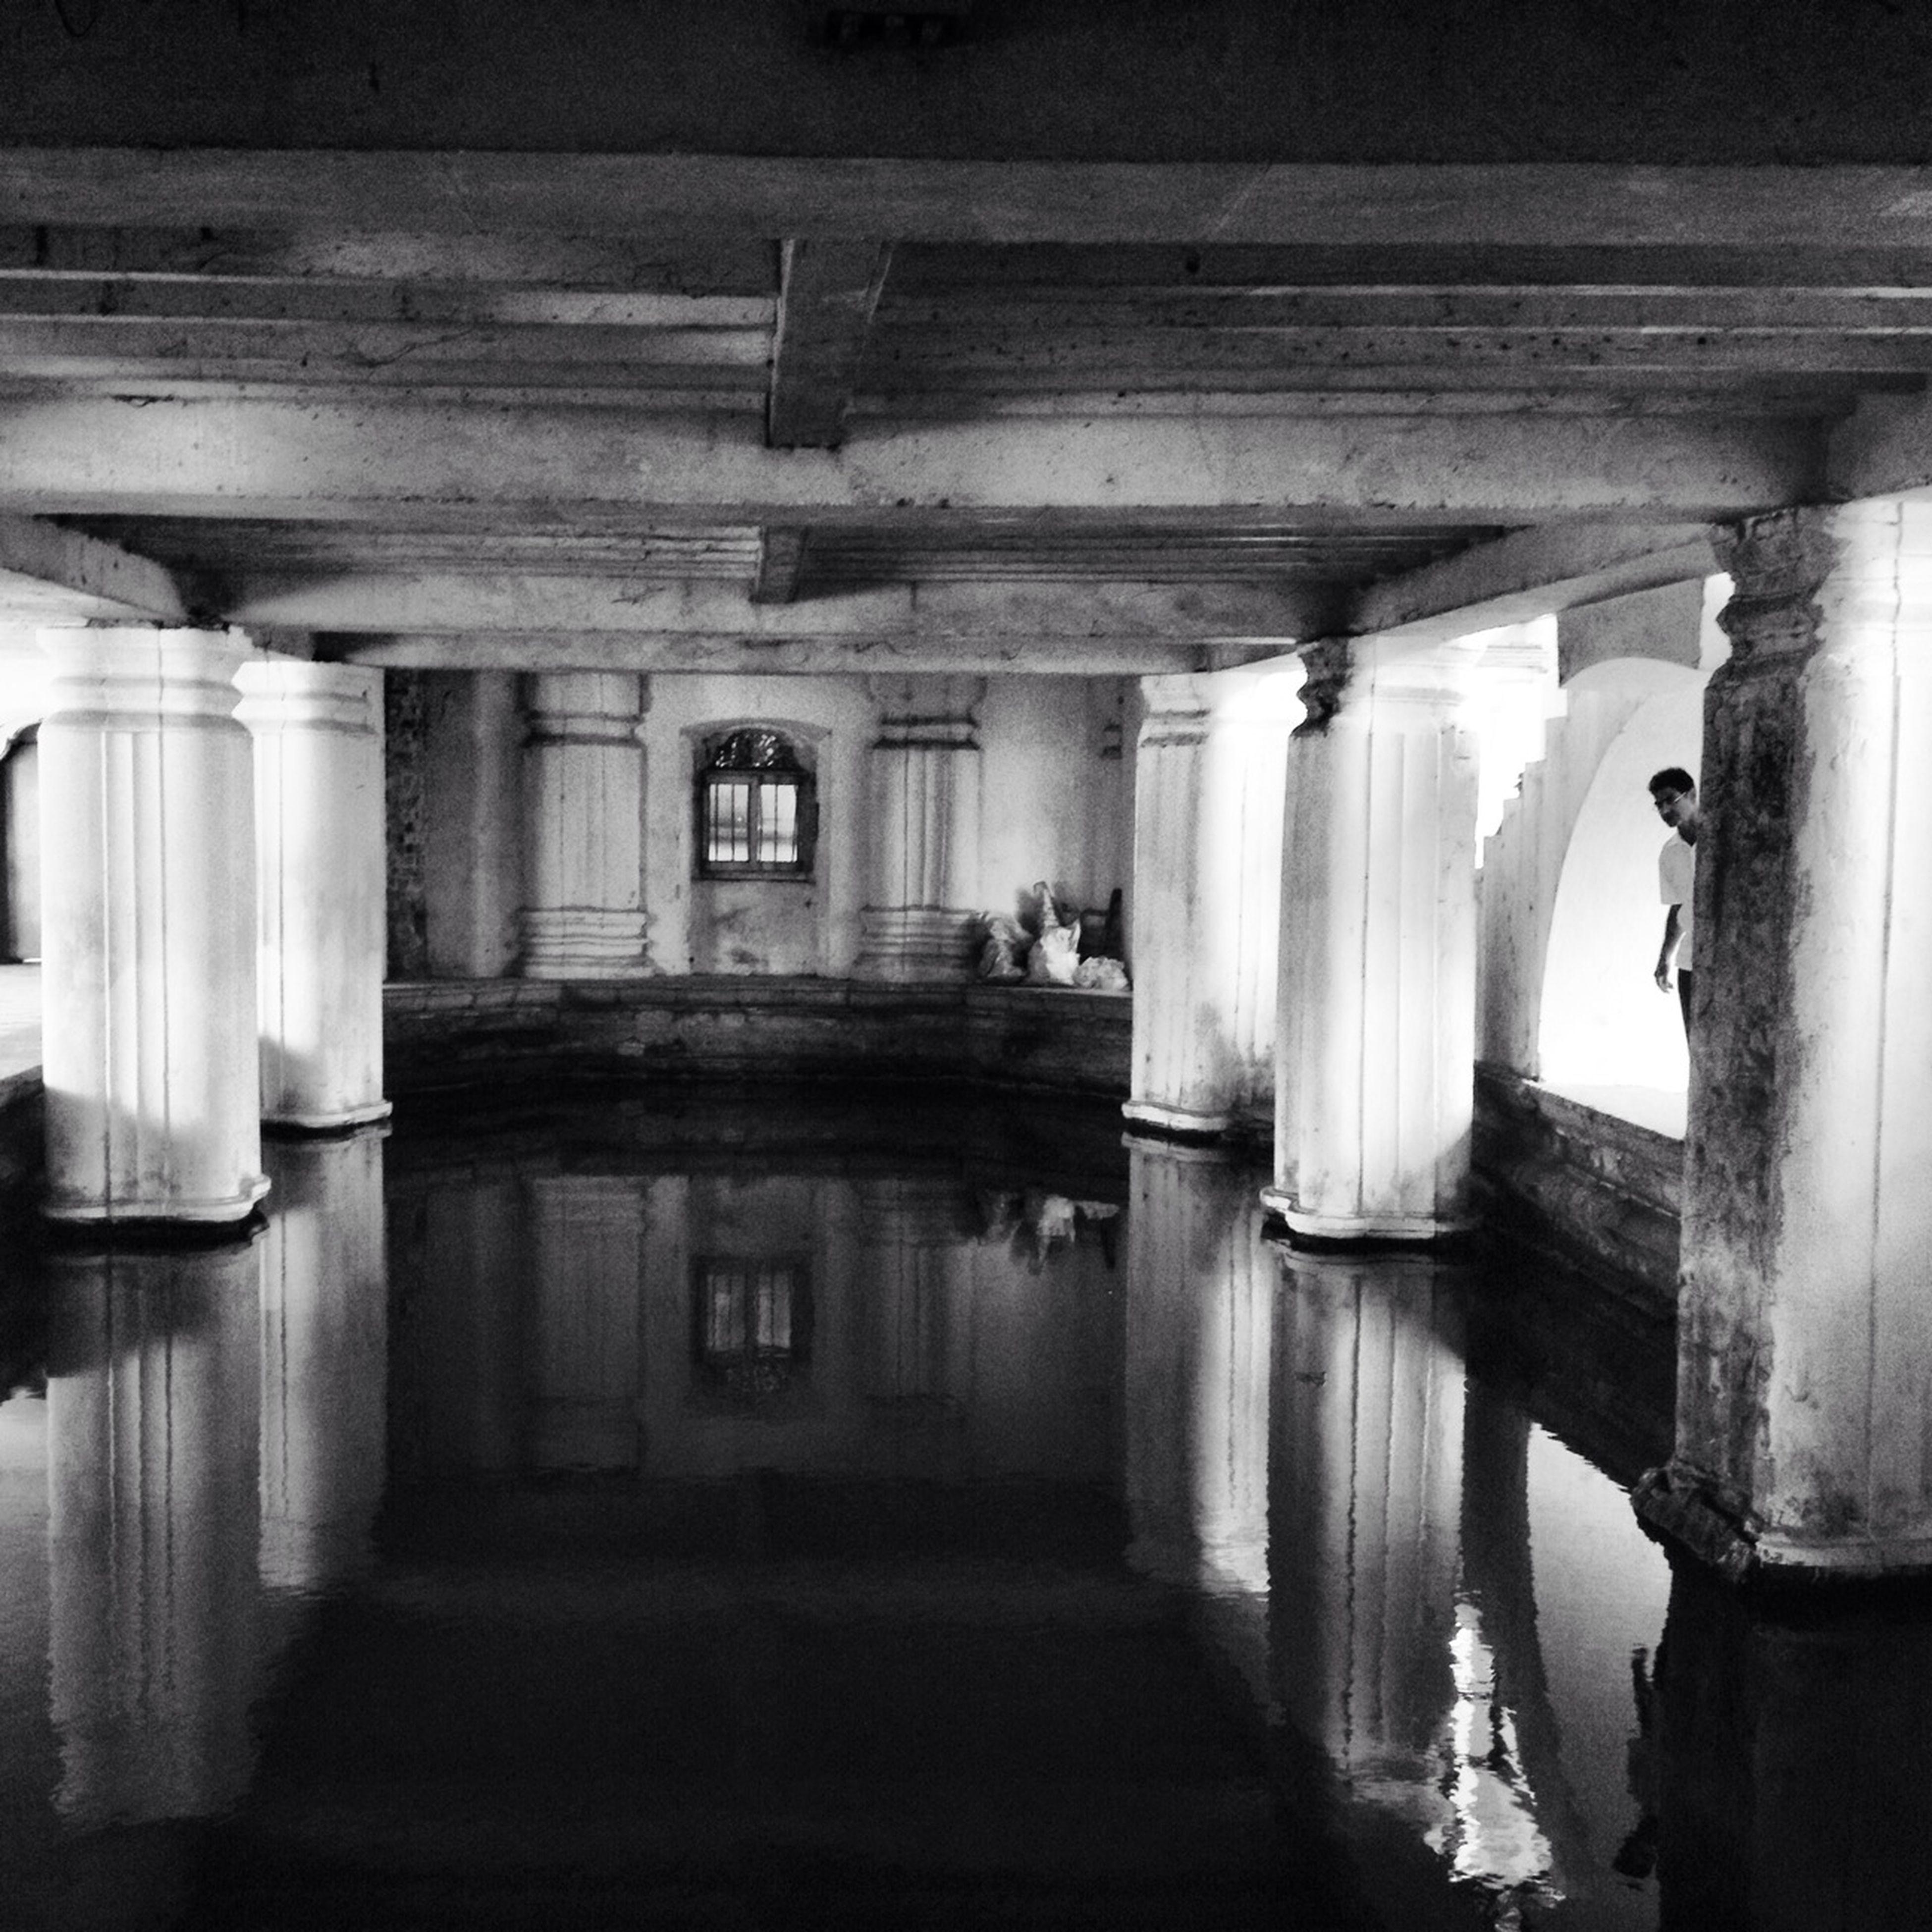 The Royal Bathhouse